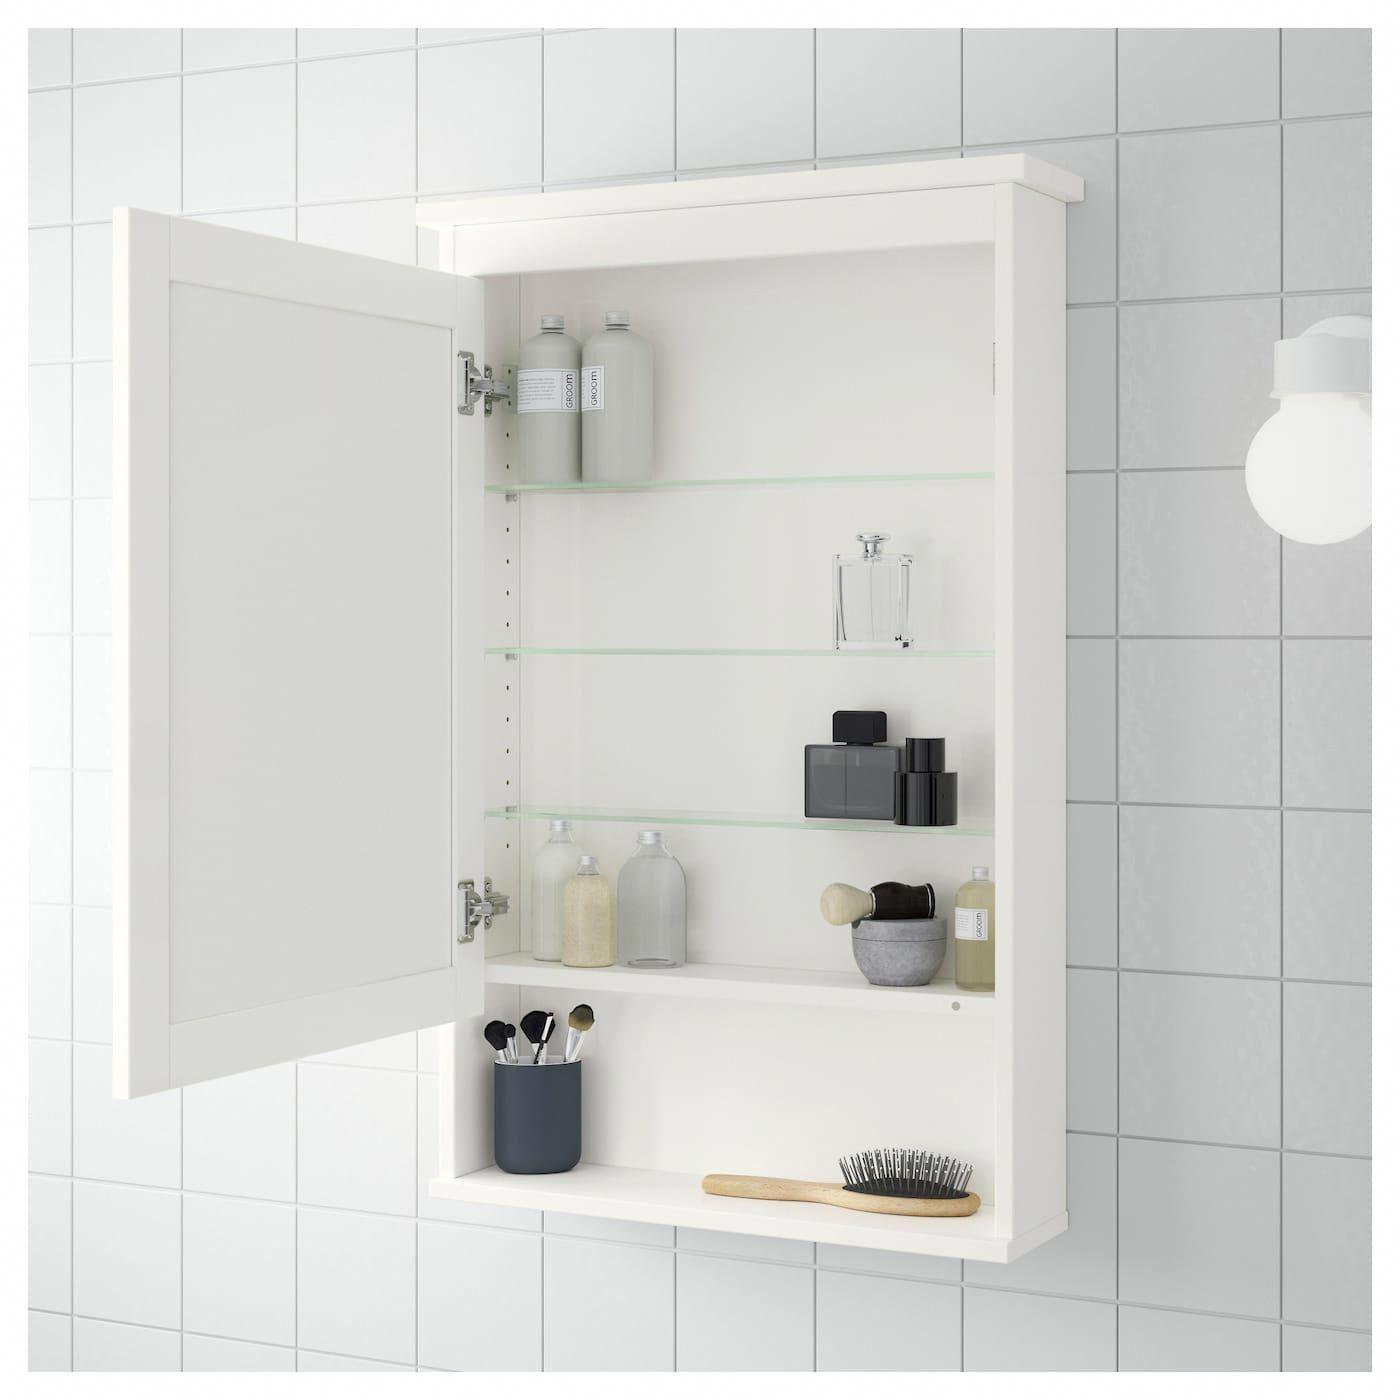 Ikea Hemnes Mirror Cabinet With 1 Door White Bathroommirror Mirror Cabinets Bathroom Mirror Cabinet Ikea Hemnes Mirror